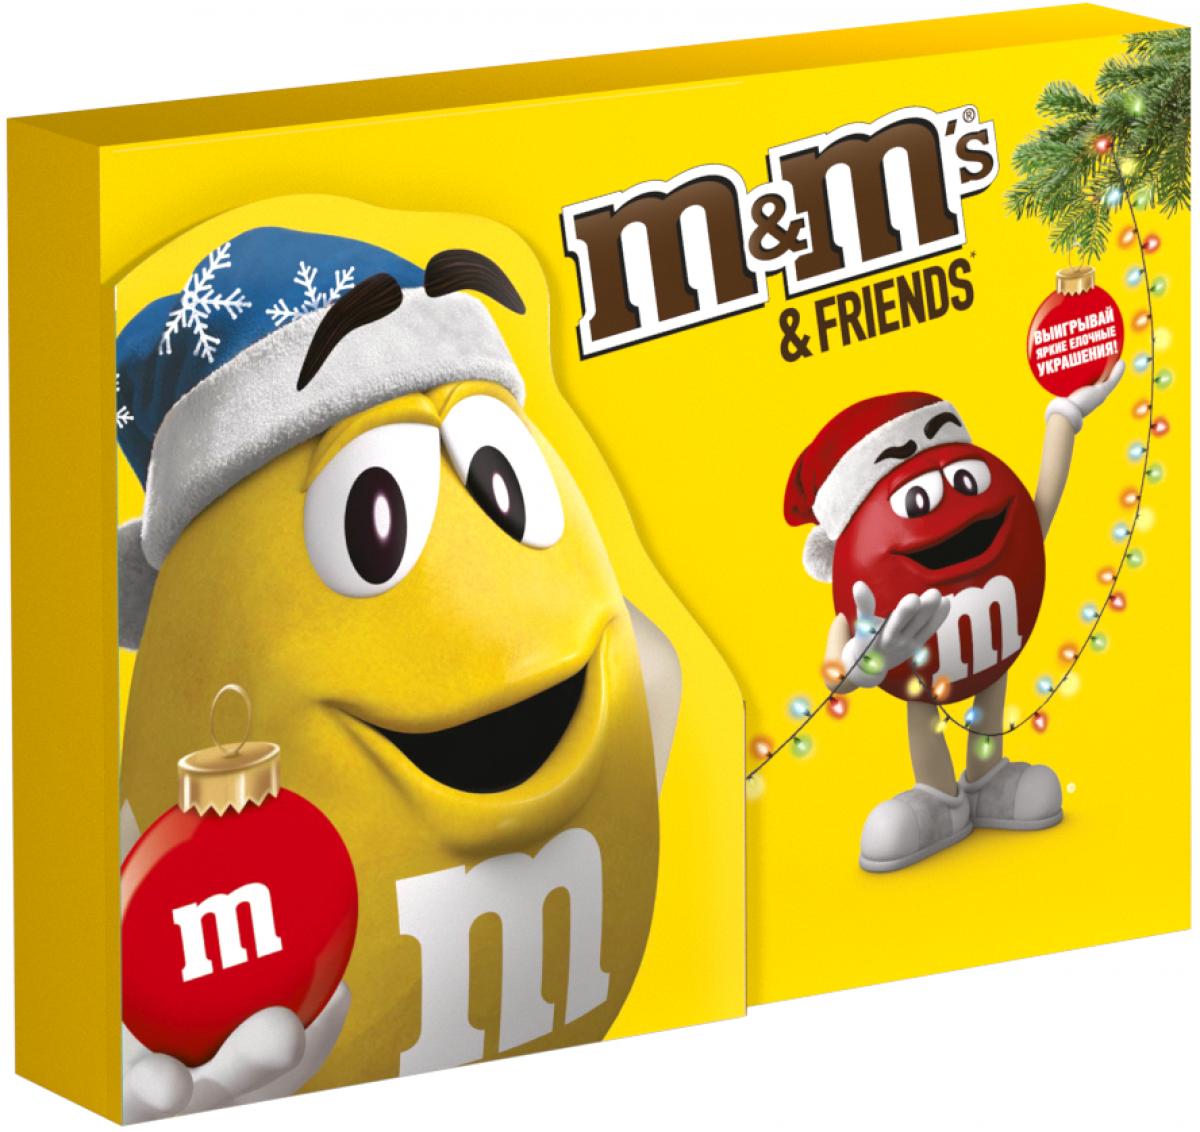 M&Ms and Friends подарочный набор кондитерских изделий, 675 г4607065379971Новогодний набор M&Ms и Друзья - отличный подарок для родных, близких, детей и коллег! В наборе - только самые известные и любимые шоколадные батончики, конфеты и драже: Сникерс, Твикс, Баунти и, кончено же, M&Ms! Яркая упаковка дополняет этот разнообразный ассортимент и делает ваш подарок по-настоящему незабываемым!